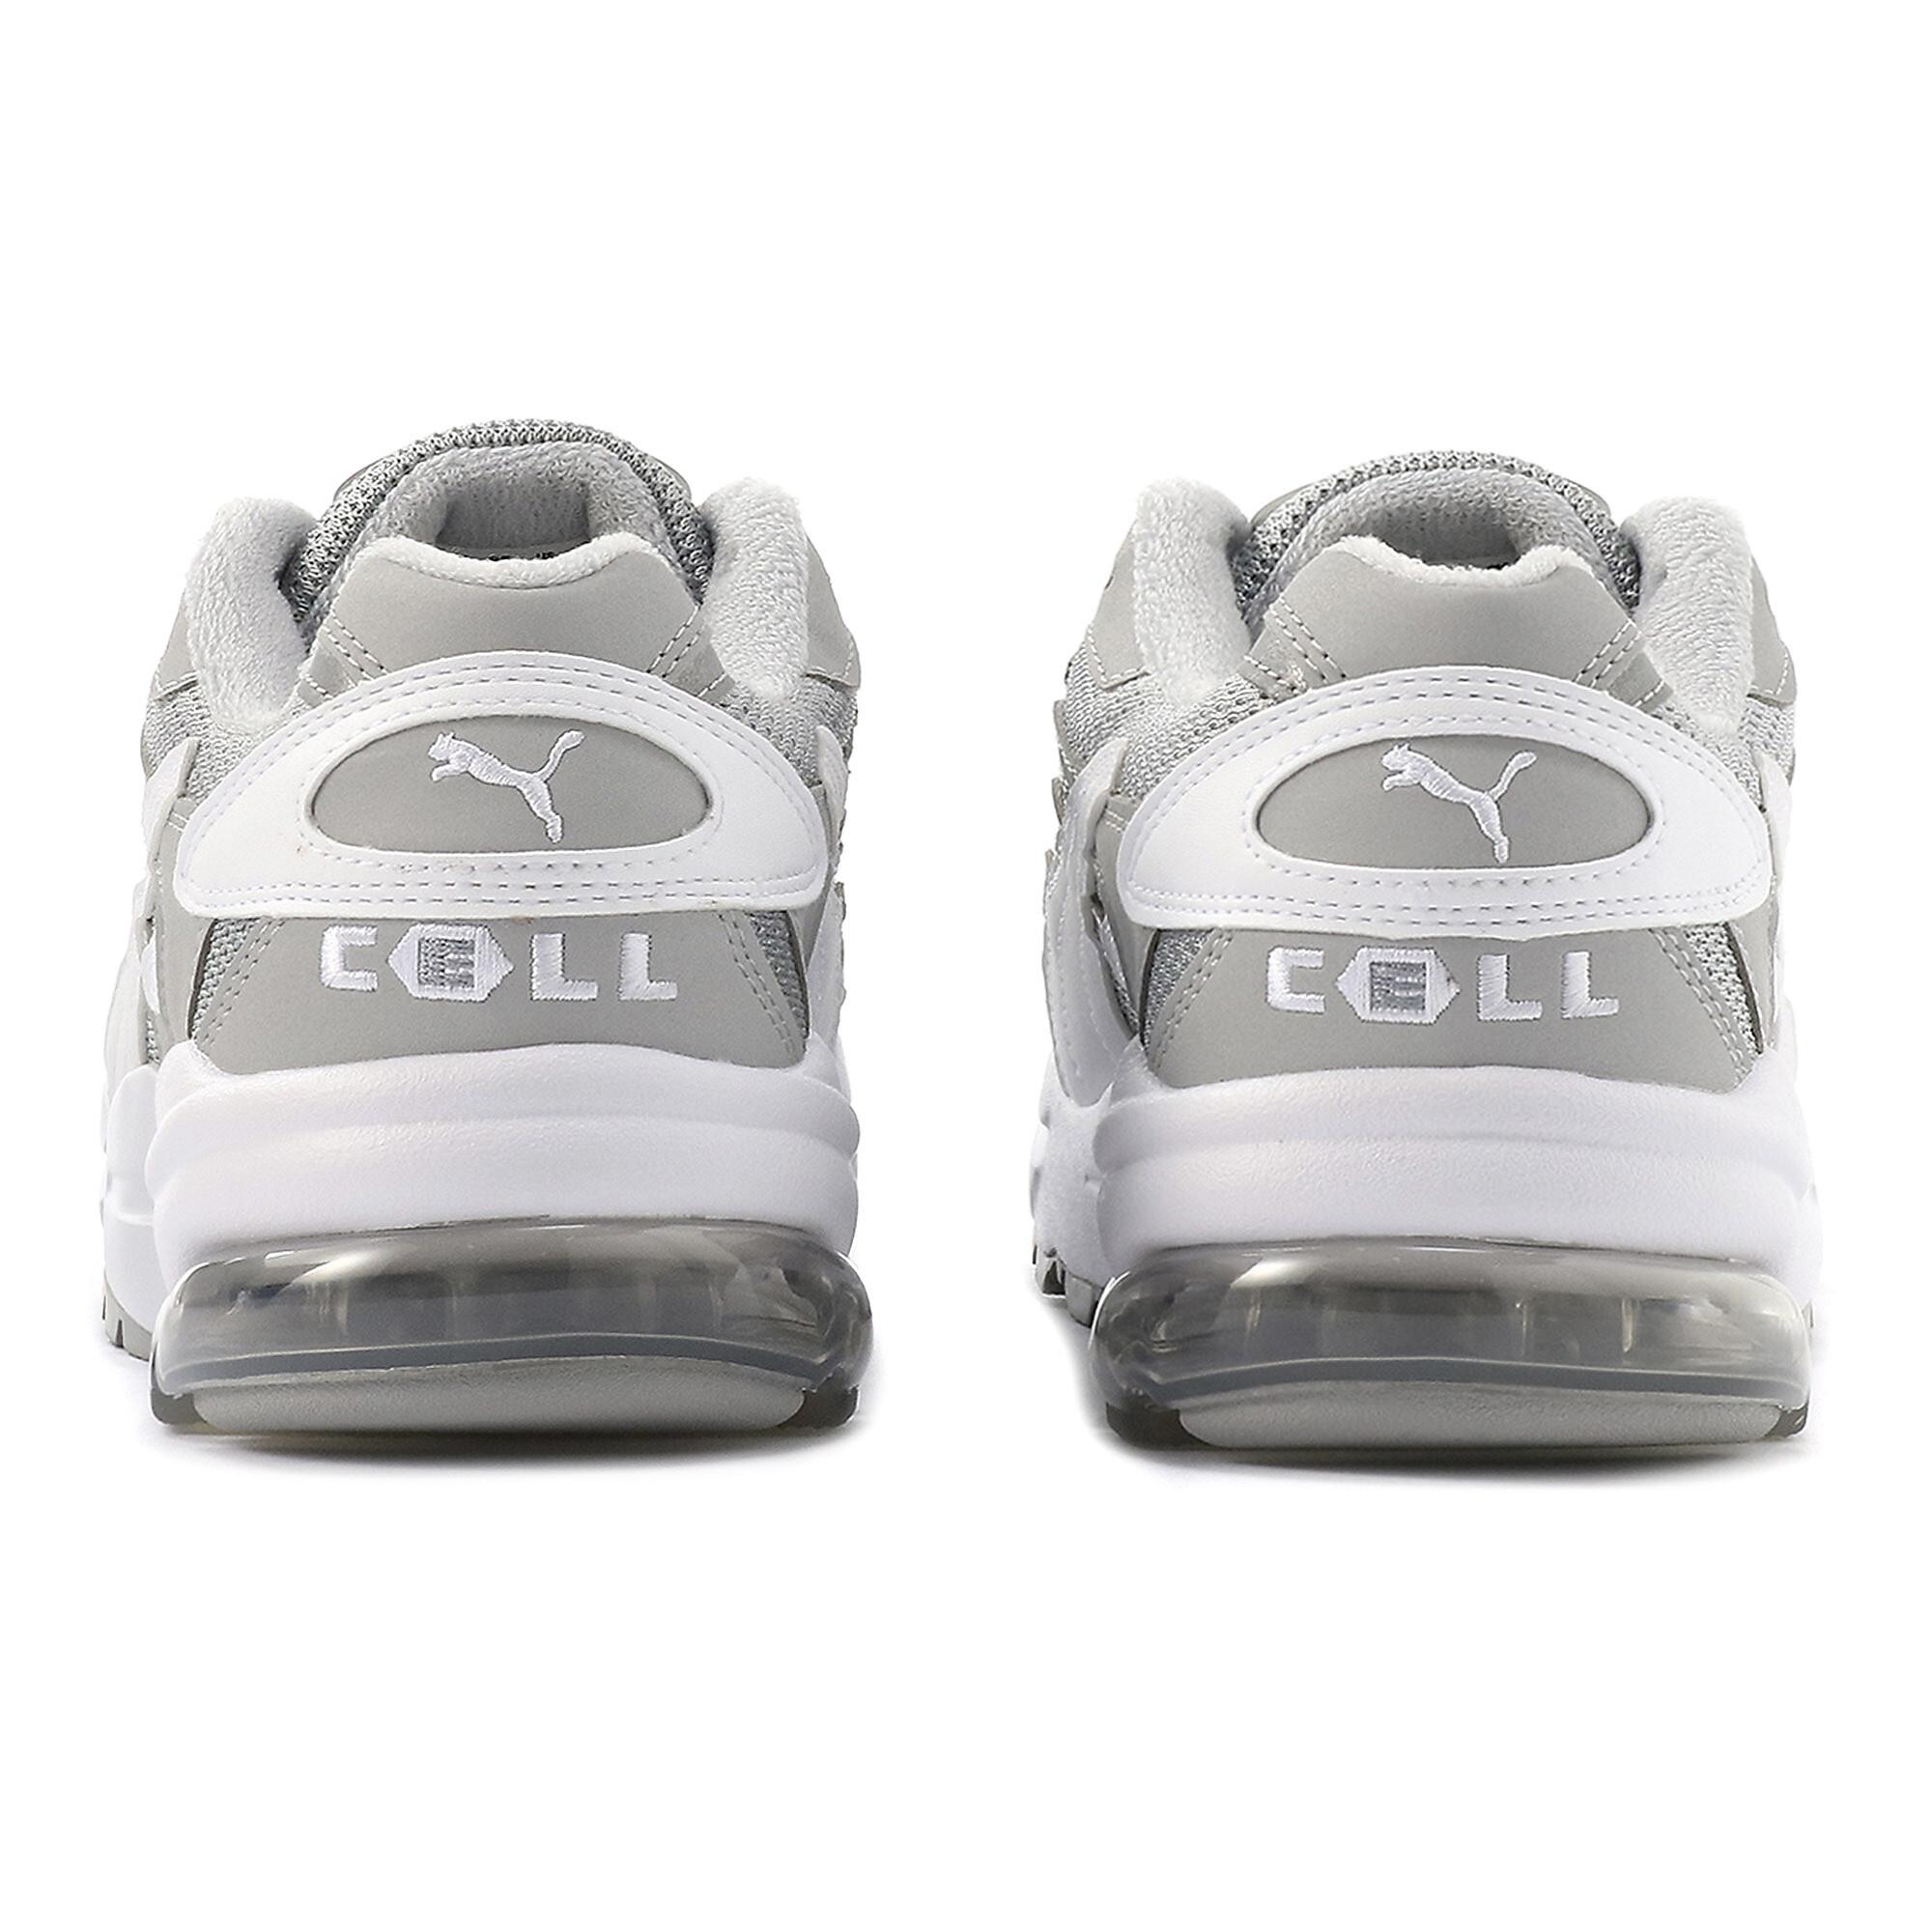 PUMA-CELL-Alien-OG-Men-039-s-Sneakers-Men-Shoe-Sport-Classics thumbnail 15